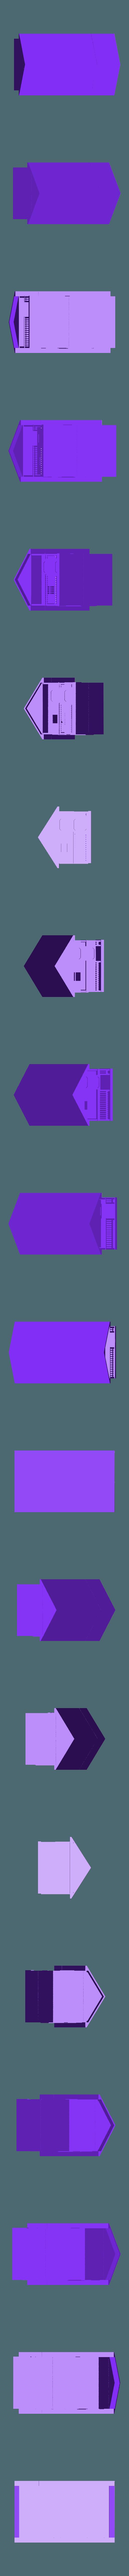 shedmodel_v11.stl Download free STL file Garden Shed • 3D printable template, HundredAcreWeeds